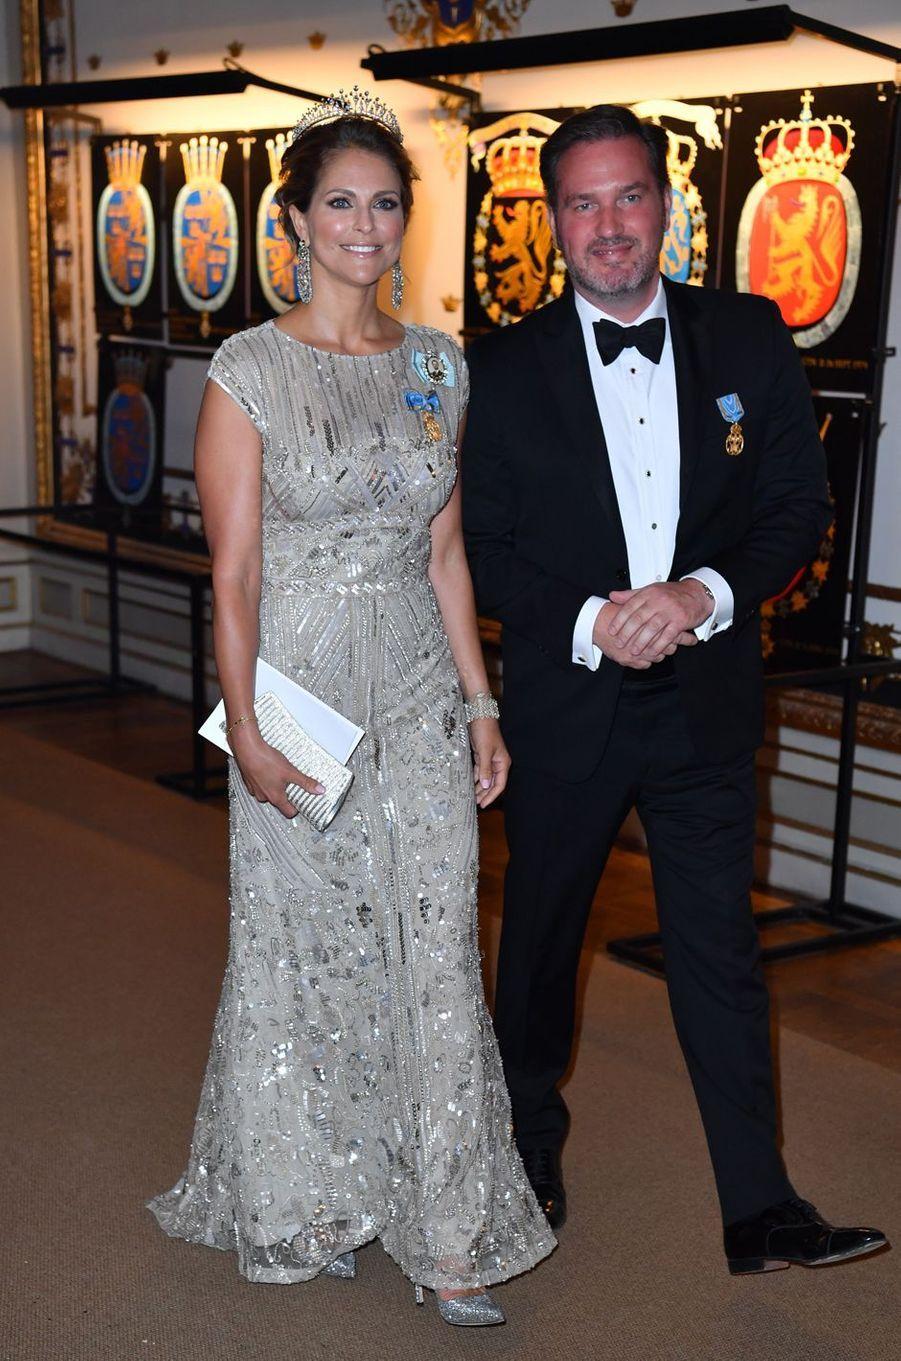 Les festivités du 70e anniversaire du roi Carl XVI Gustaf de Suède se sont clôturées par un dîner de gala. À l'instar de la princesse Madeleine, reines et princesses y arboraient robes du soir et diadèmes.